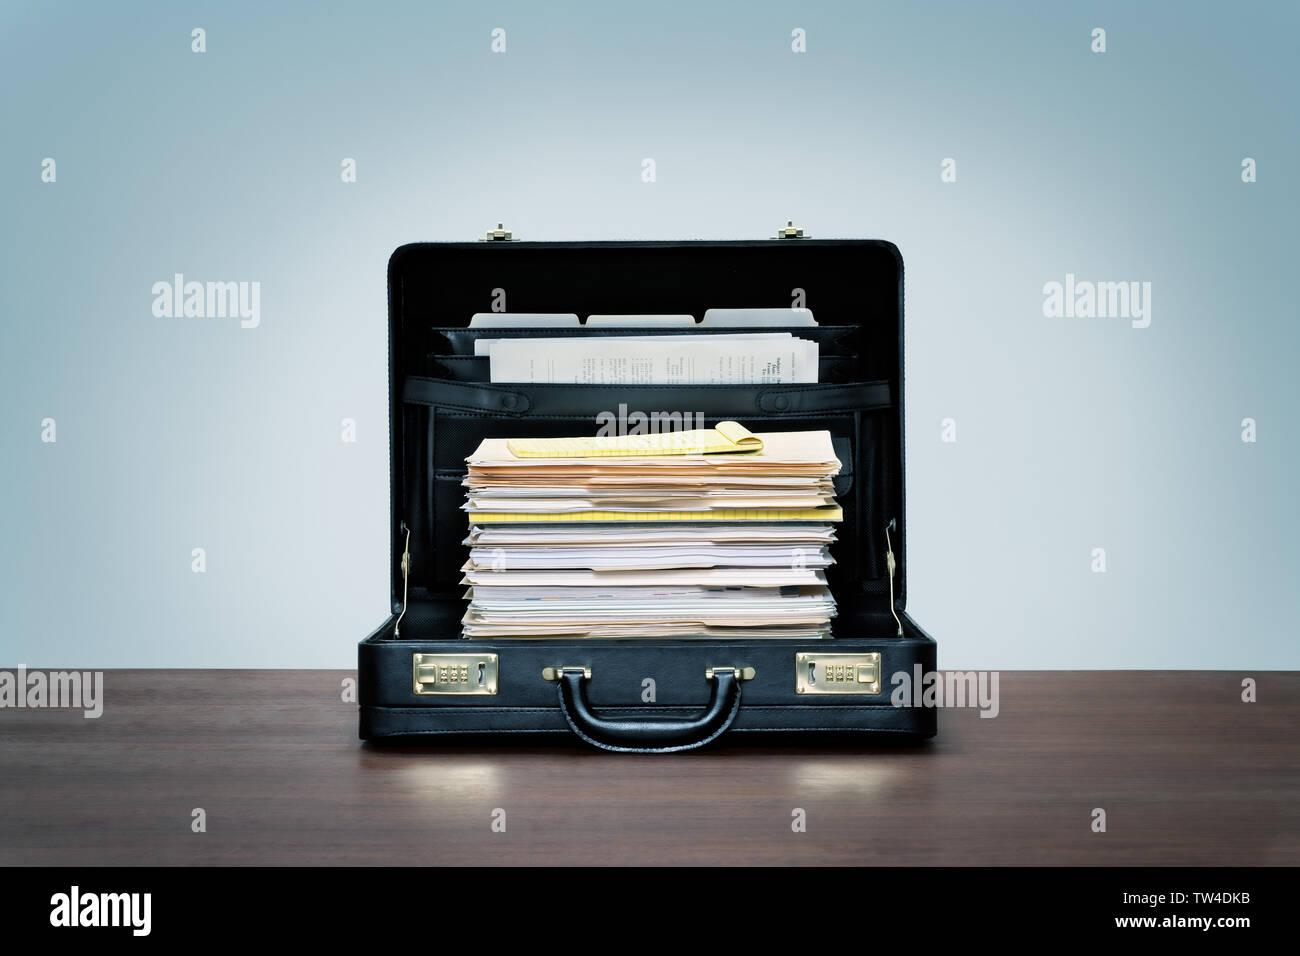 Grande cheminée de fichiers et dossiers dans une valise en cuir noir sur bois 24 avec fond bleu. Photo Stock